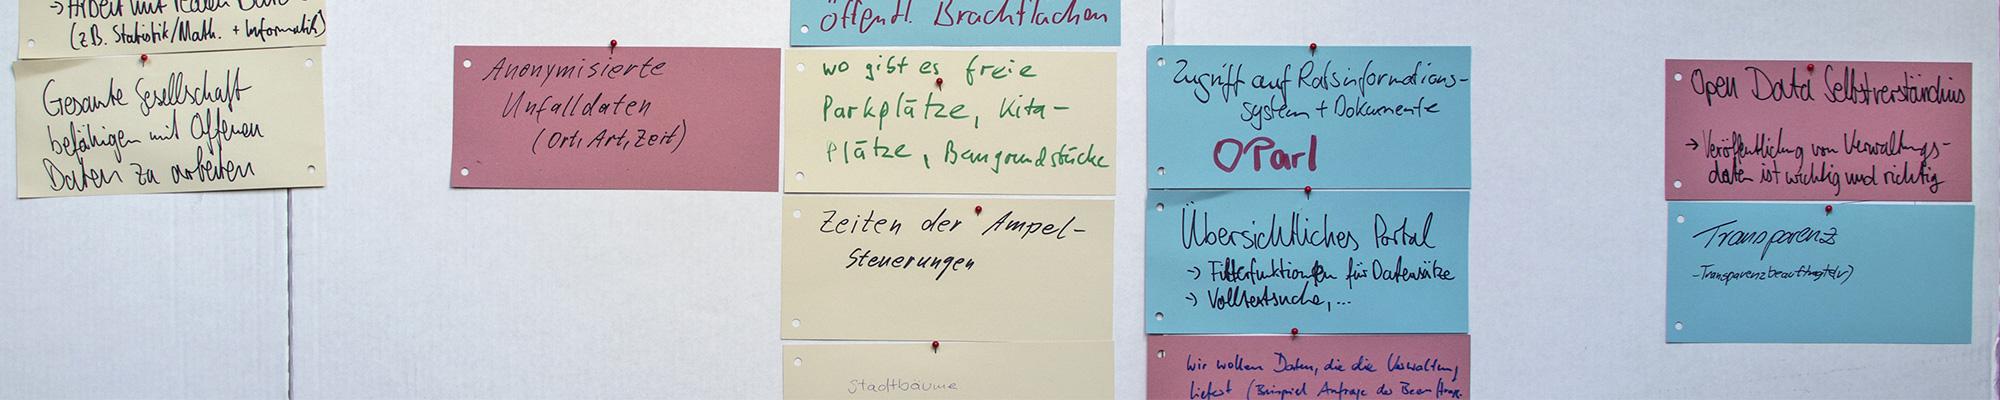 Post-its mit Notizen auf einer Wand.